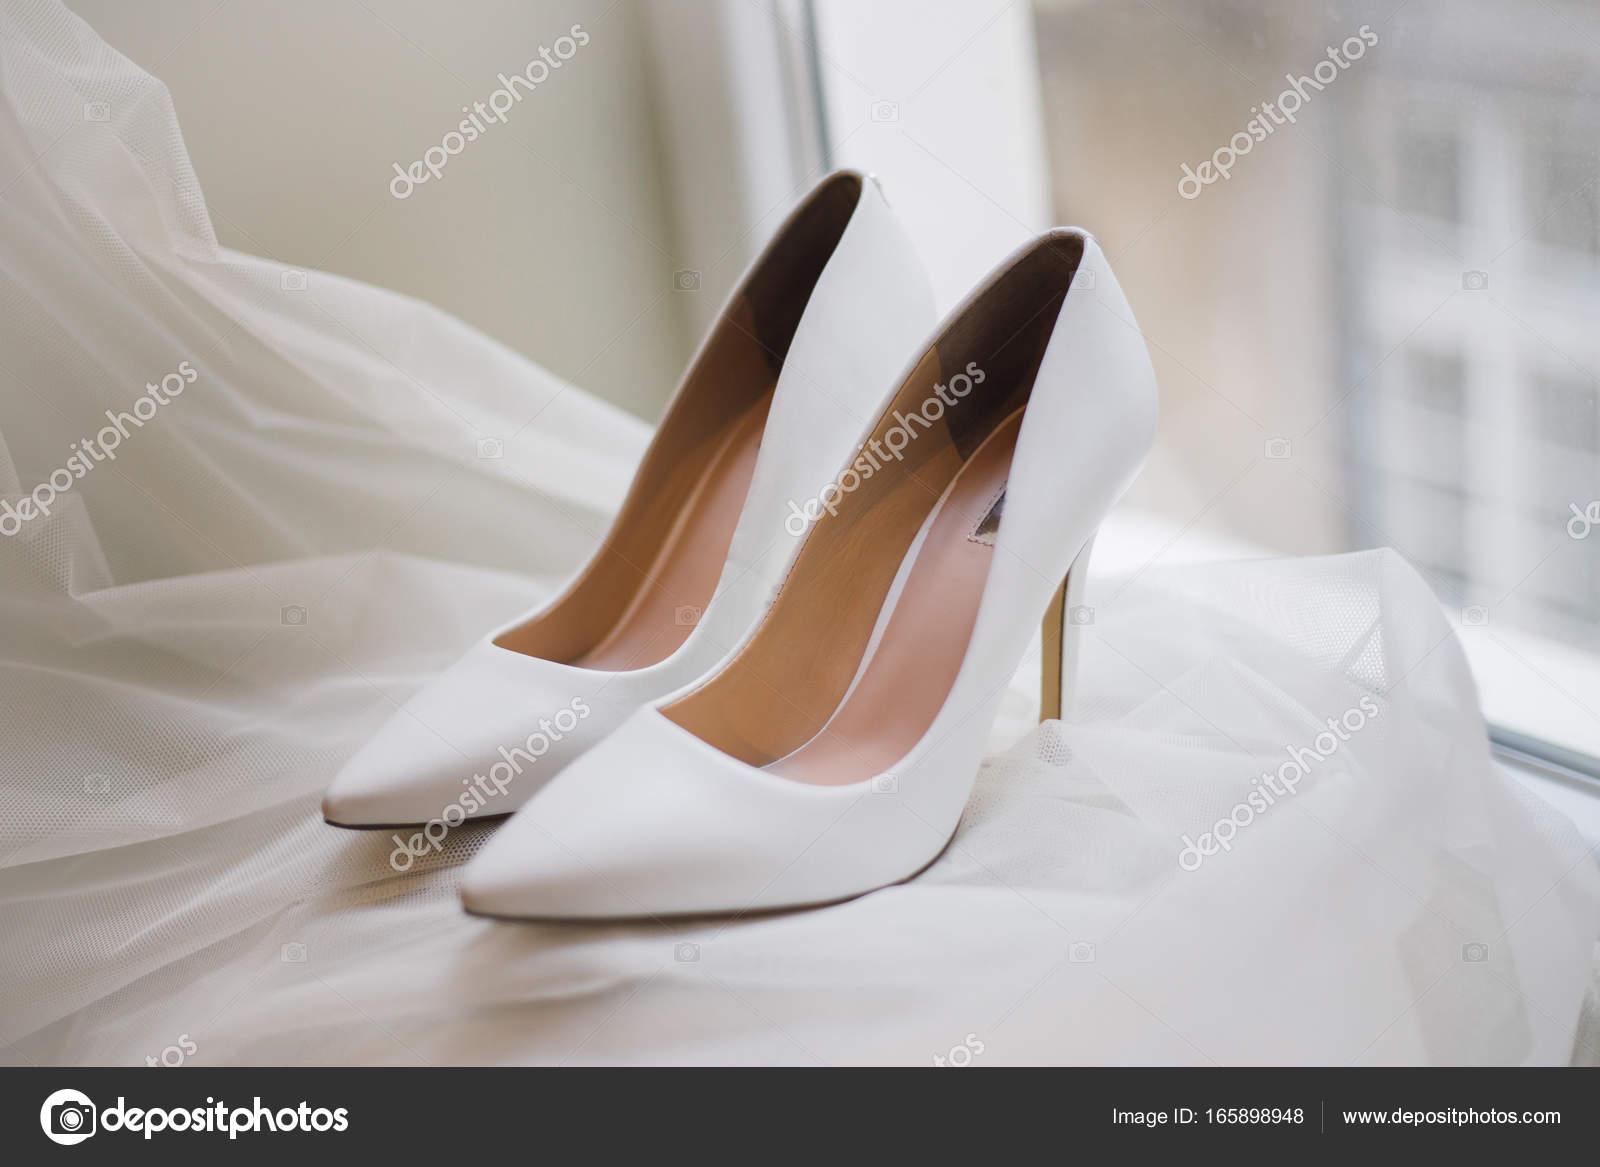 5e92e9442d8368 Елегантні туфлі на випускний для нареченої — Стокове фото — білий ...